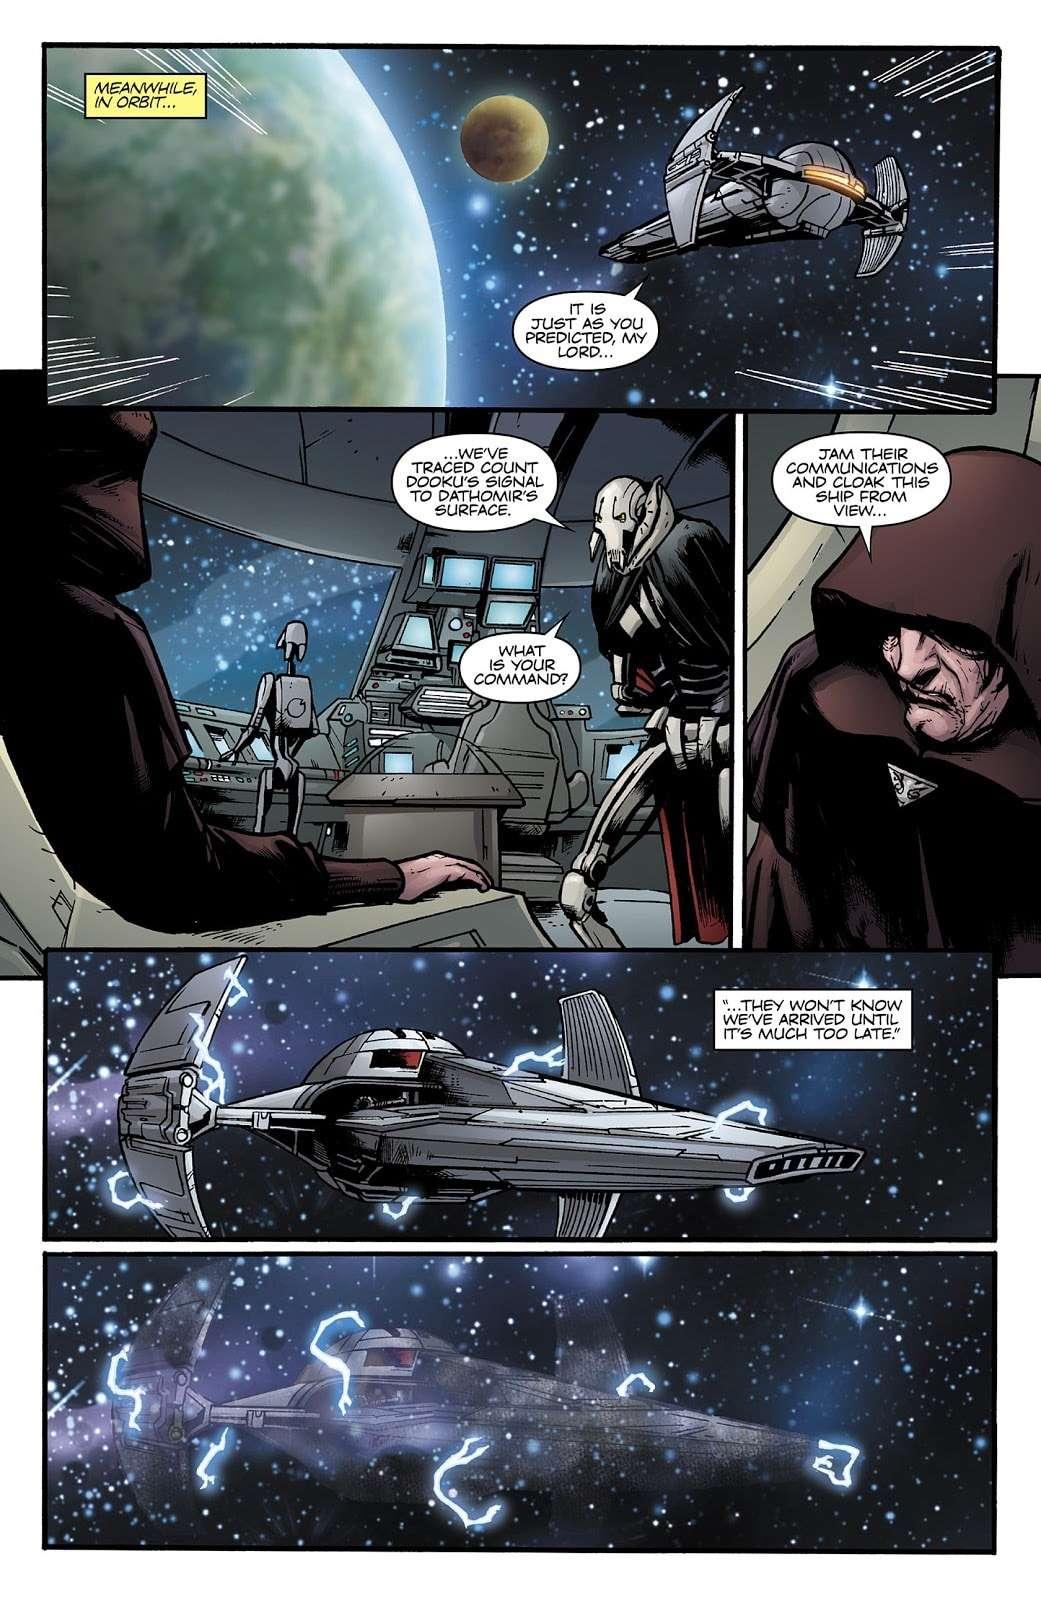 Scimitar Infiltratore Sith, Lo Scimitar: l'Infiltratore Sith di Darth Maul – Guida al Canon, Star Wars Addicted